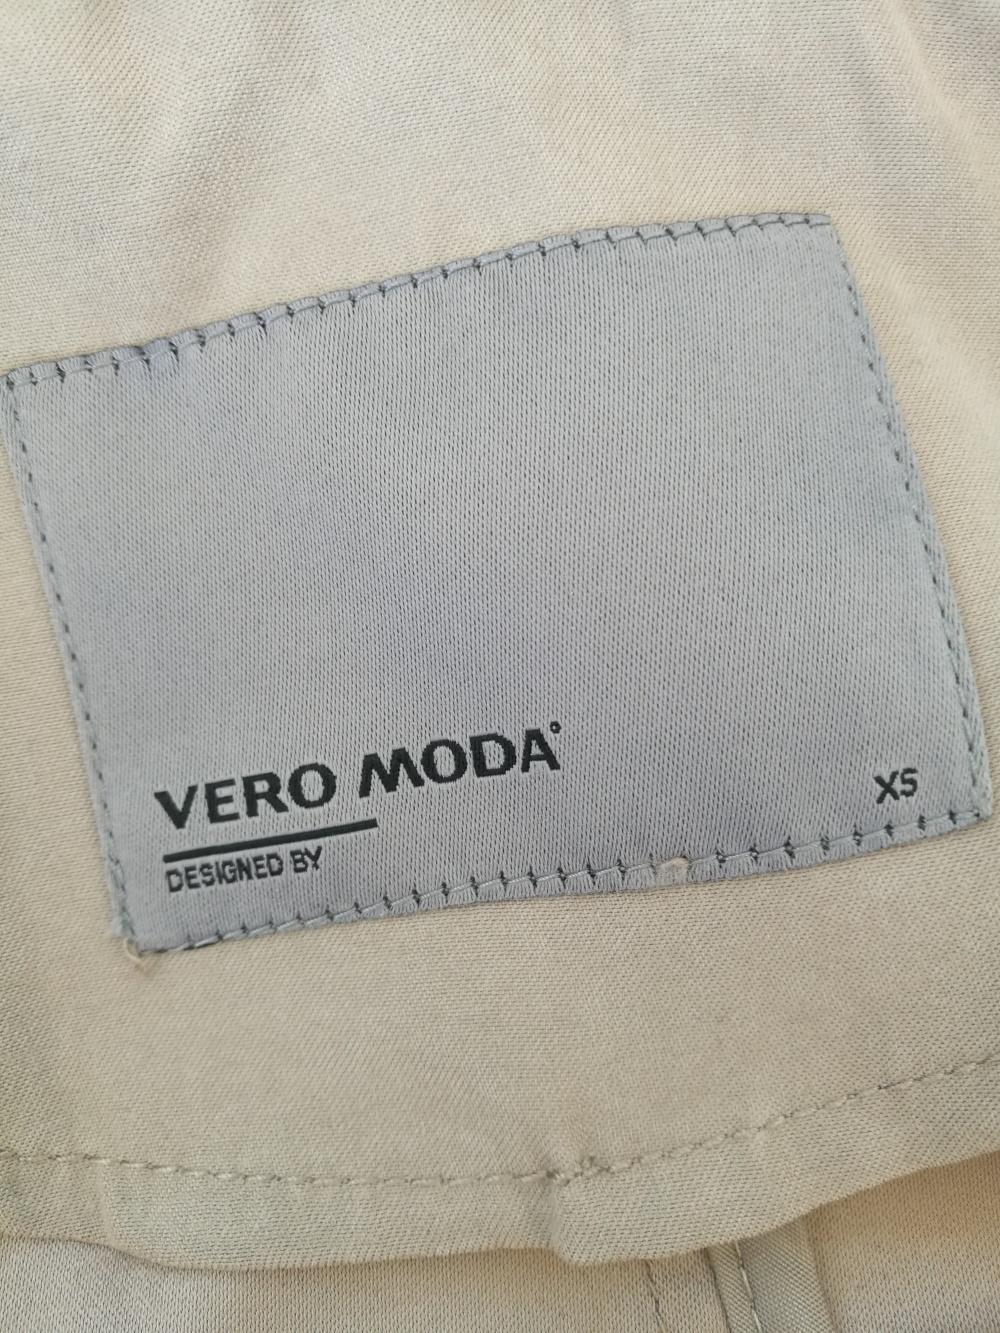 Плащ  Vero Moda, размер 42/44.